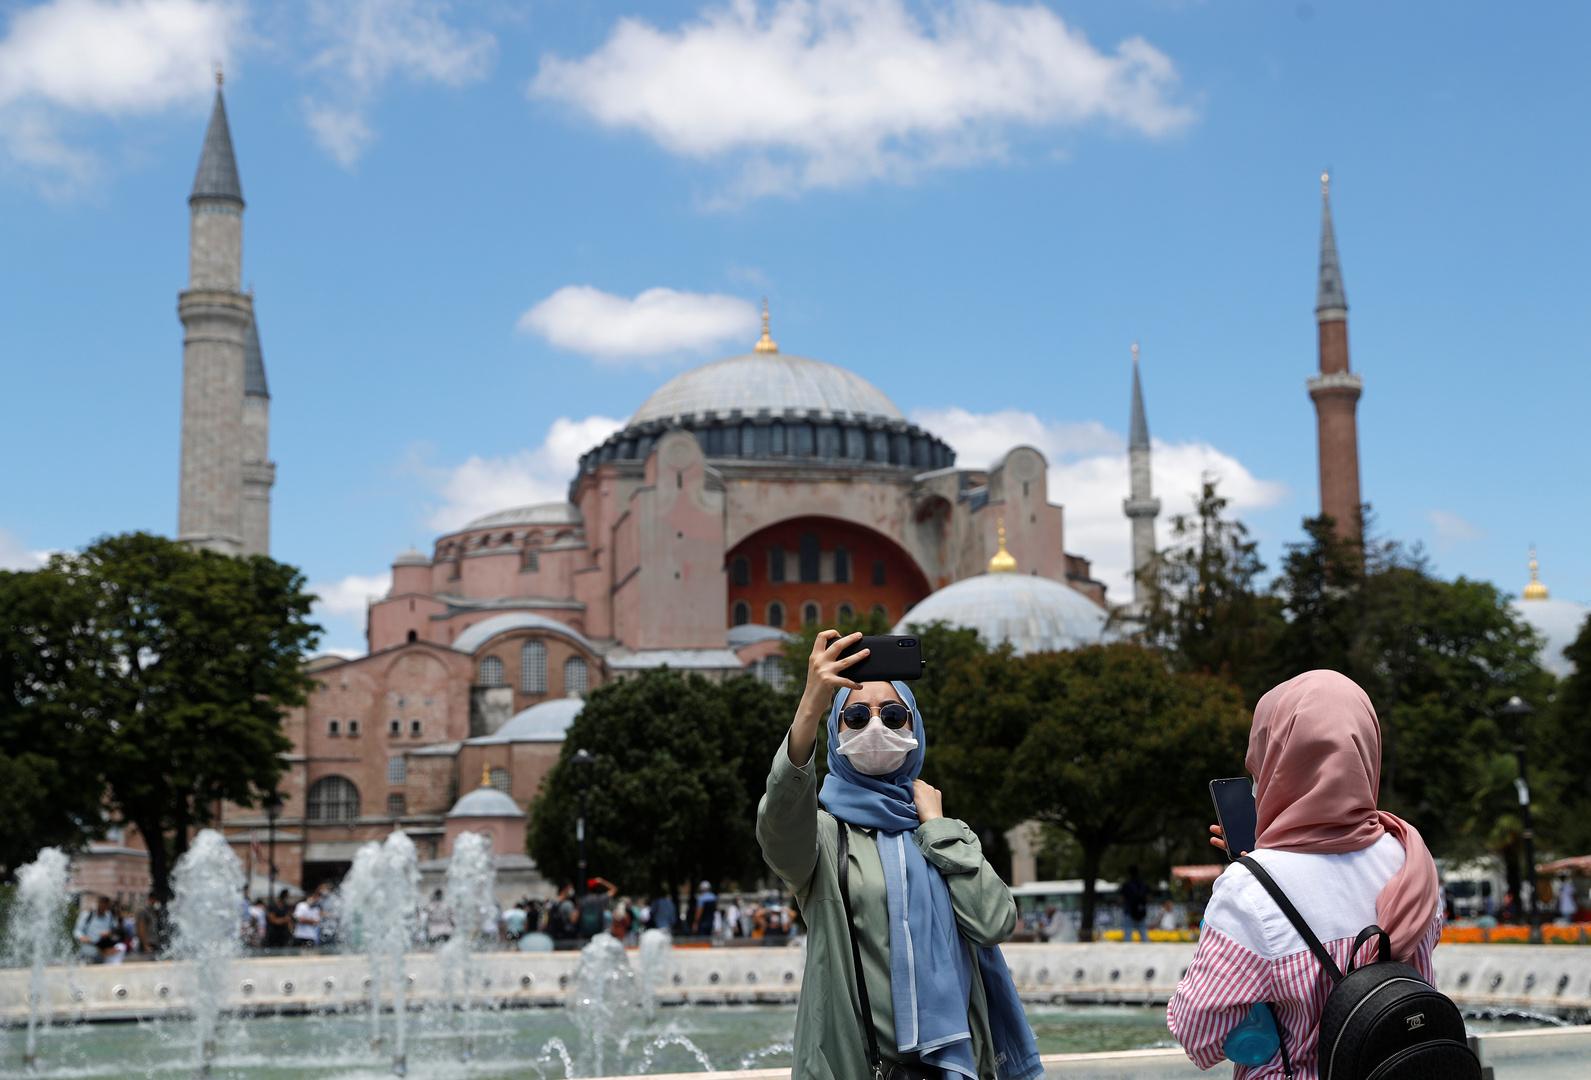 الخارجية التركية: سنبلغ اليونسكو بالخطوات اللاحقة بخصوص آيا صوفيا